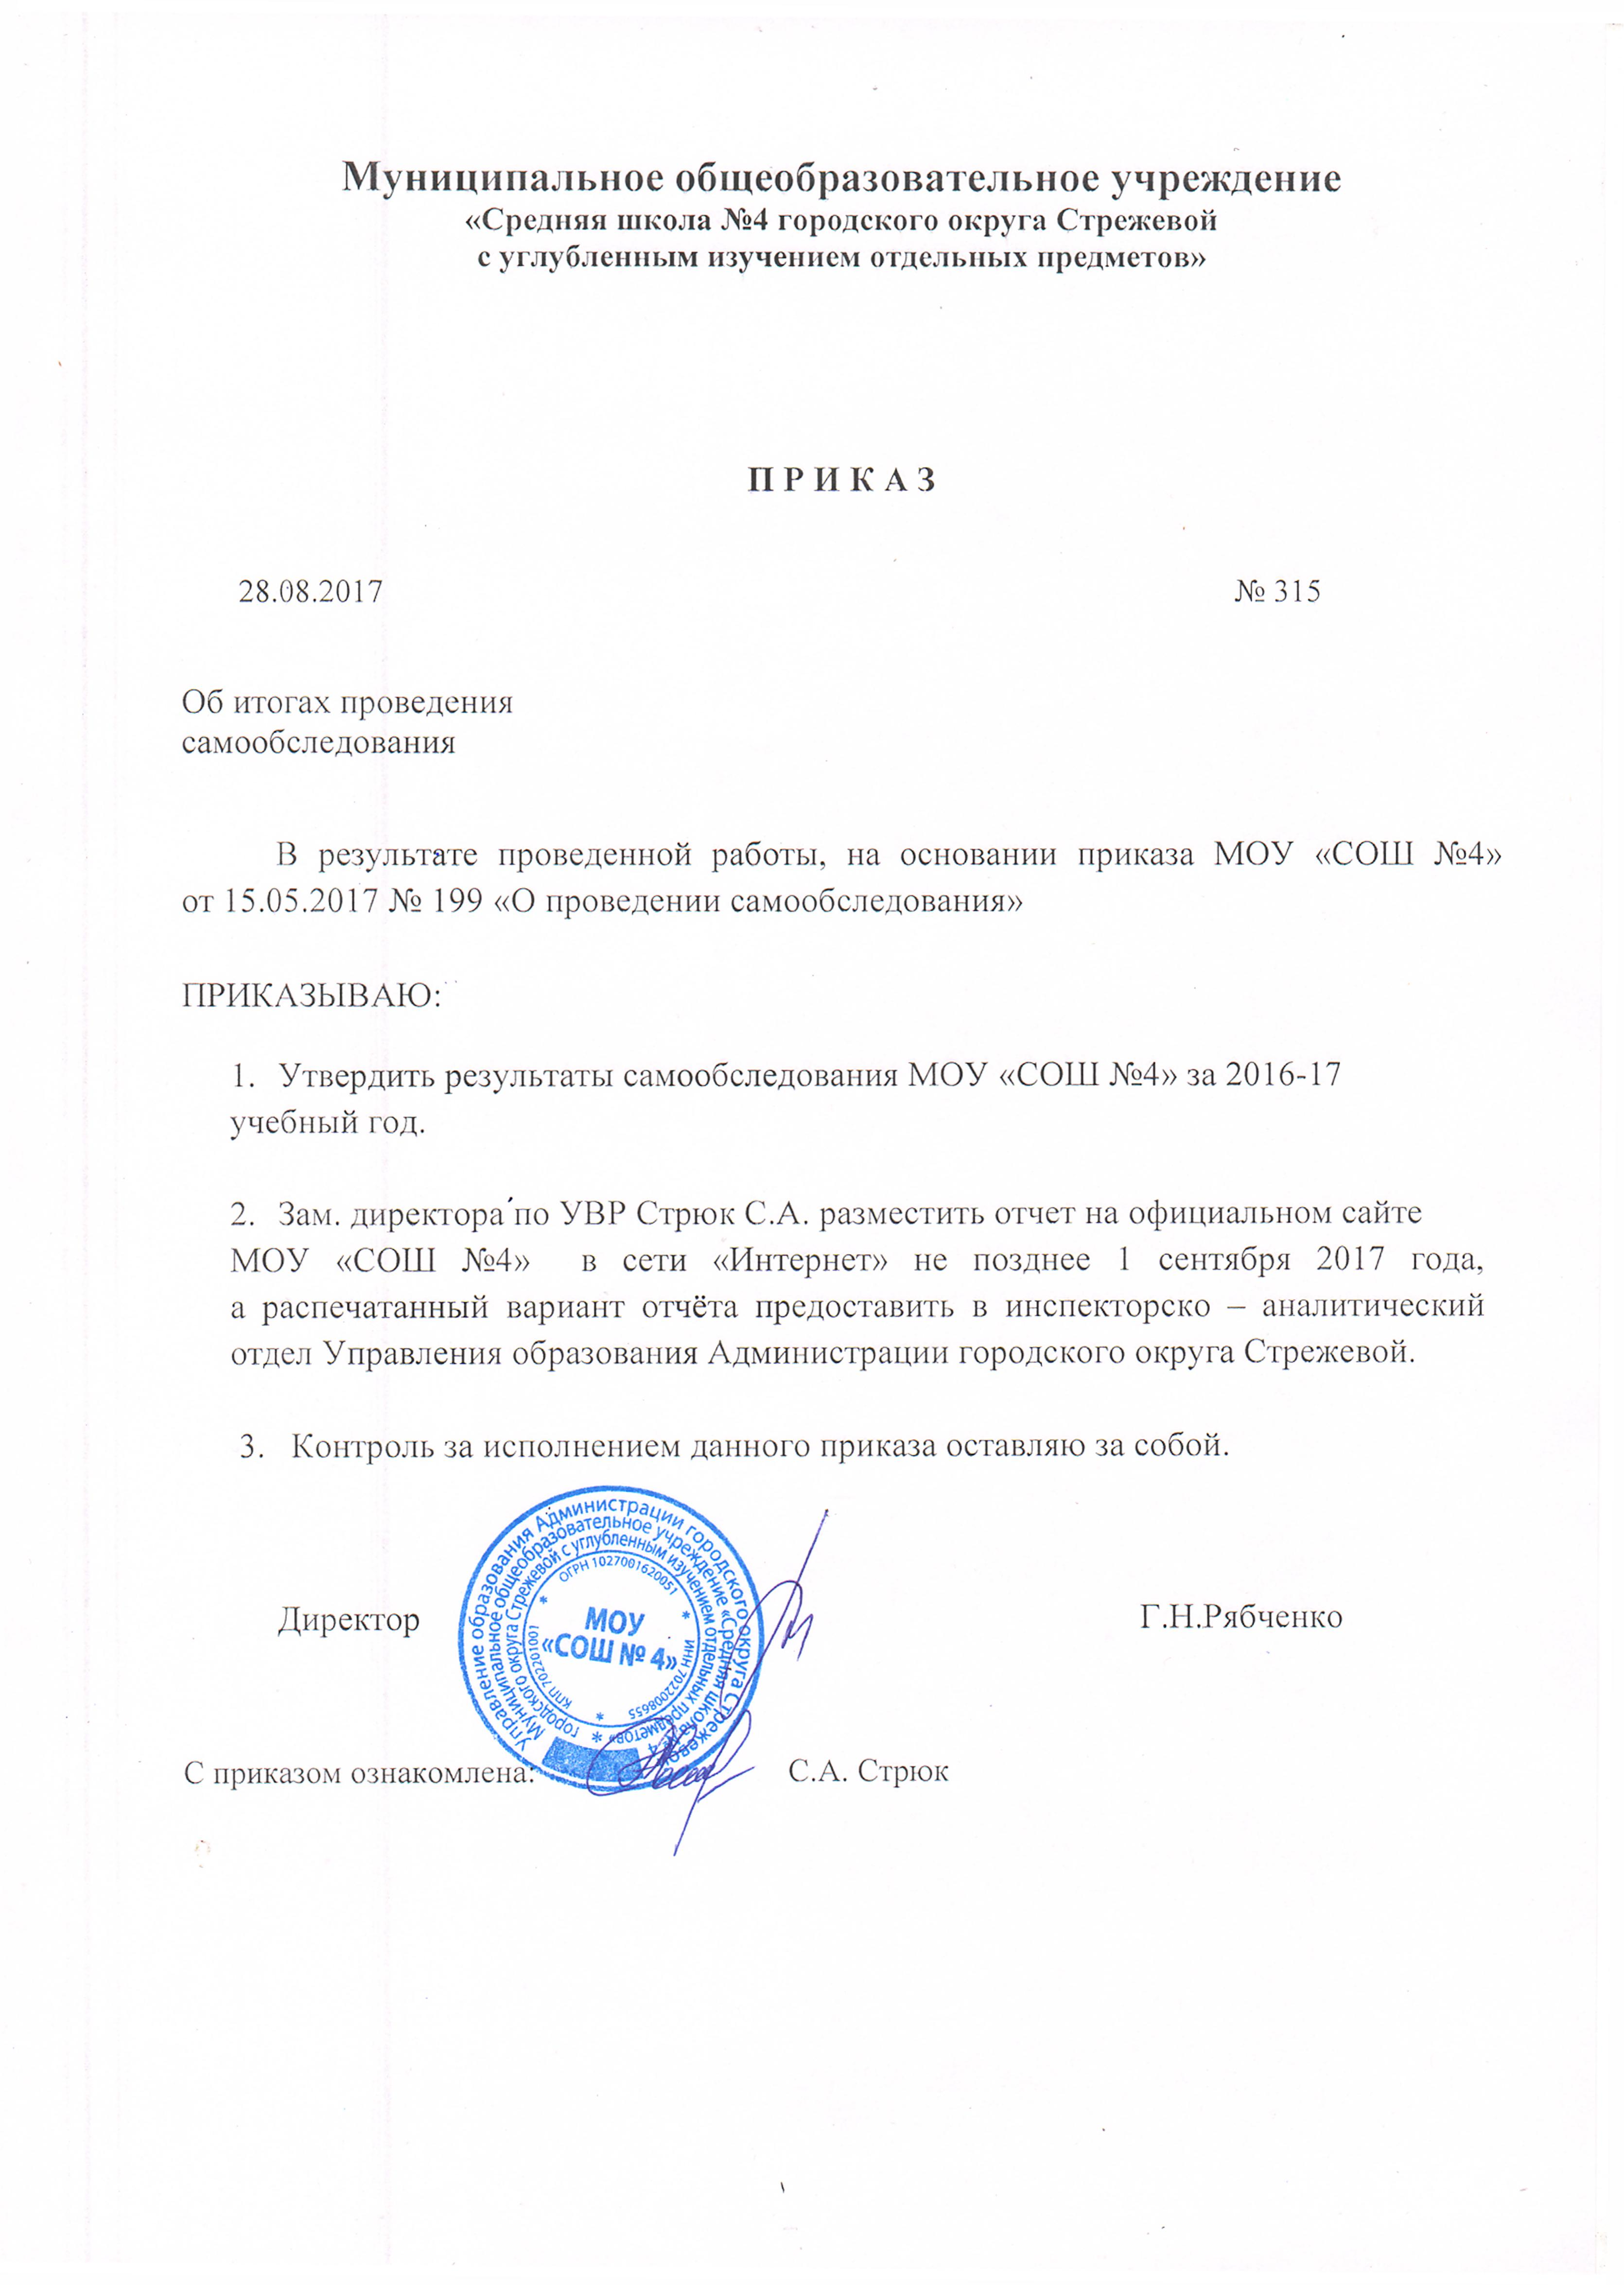 Приказ от 12 января 2015 1 об утверждении перечня документов подтверждающих